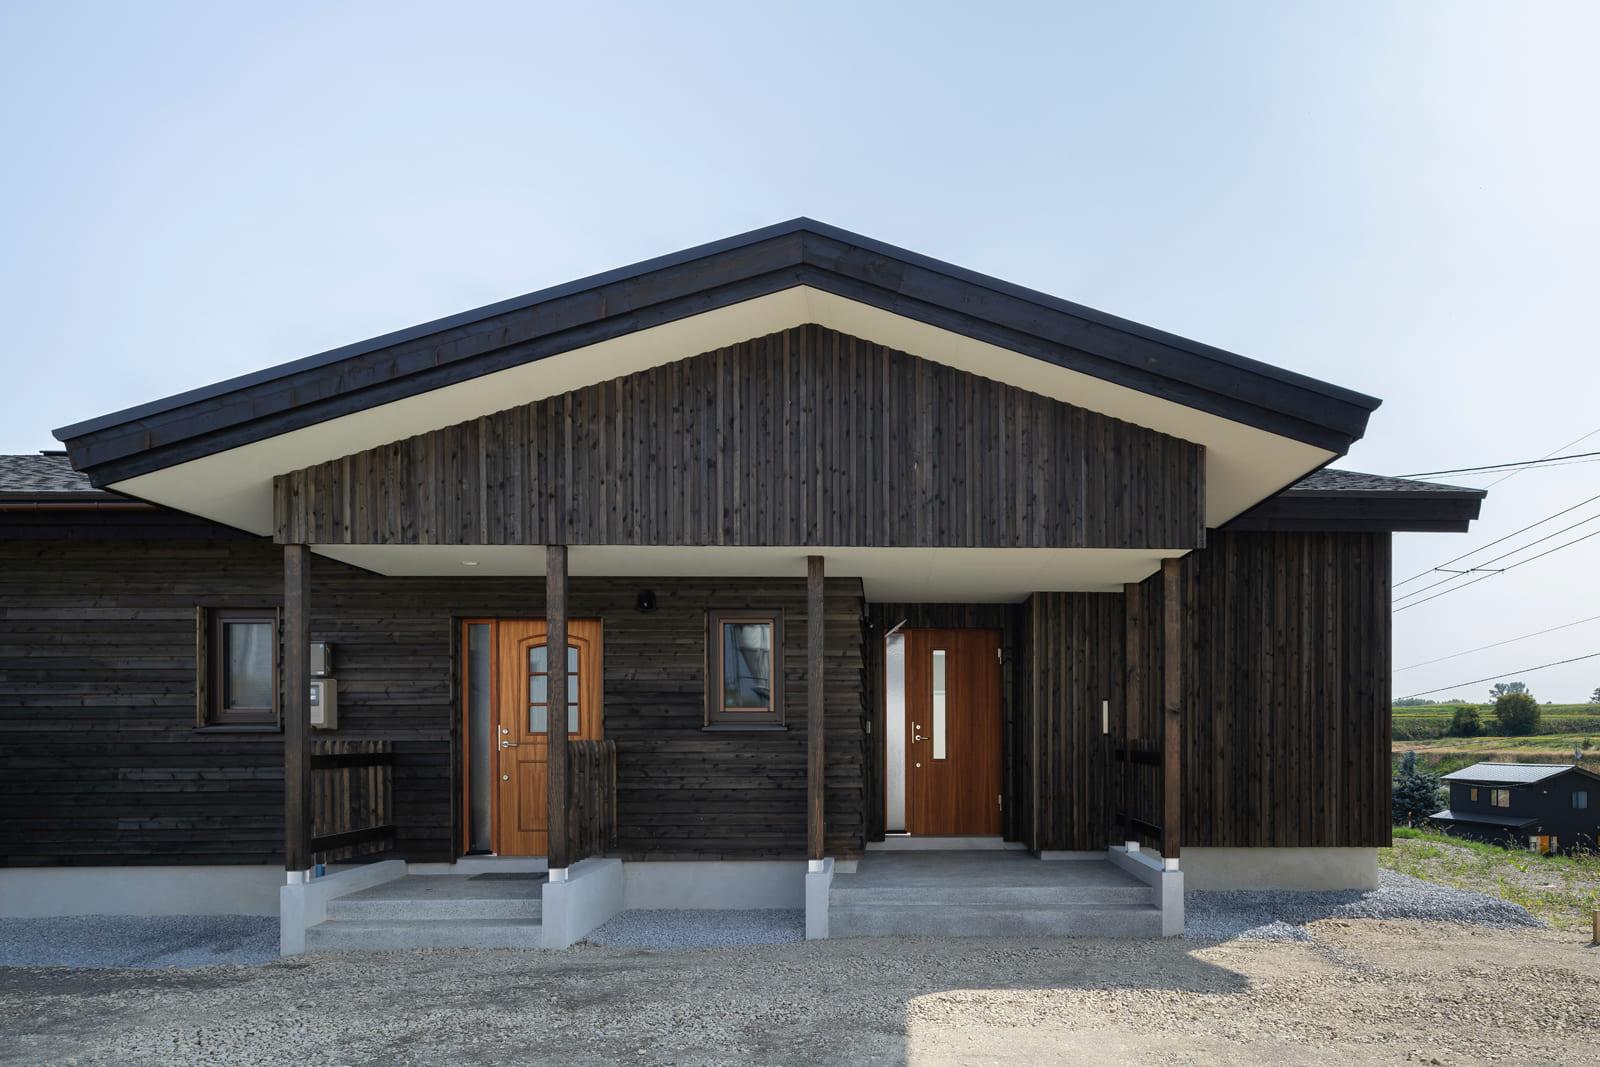 三角屋根の下に2つの玄関が並ぶ。玄関(右)と裏玄関(左)でドアの色やデザインを変えアクセントに